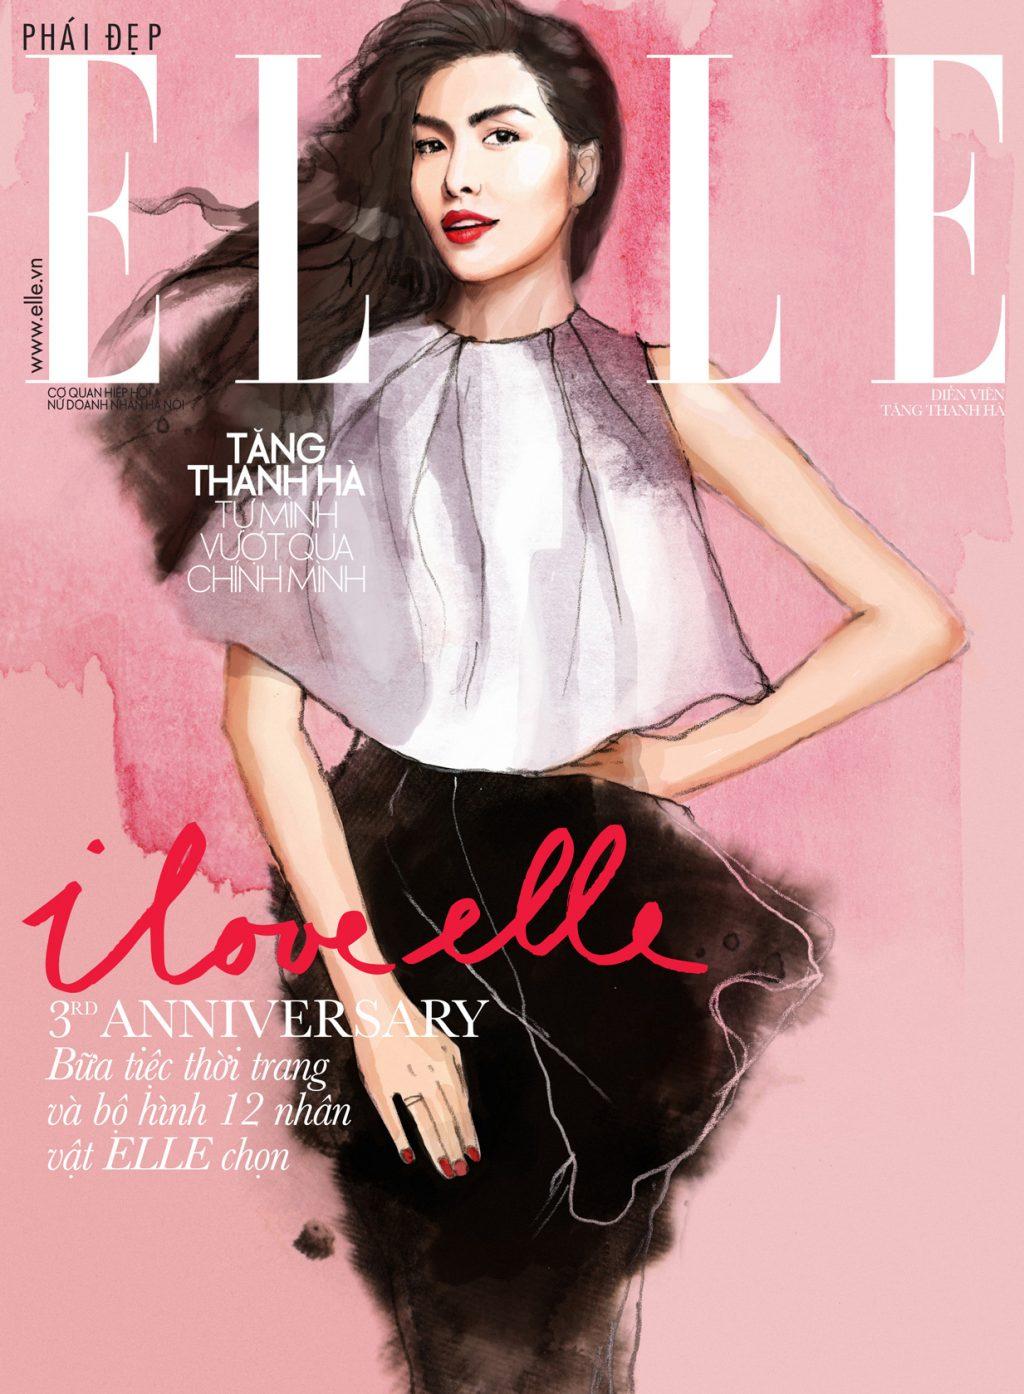 Trang bìa tạp chí mừng sinh nhật ELLE Việt Nam lần thứ 3